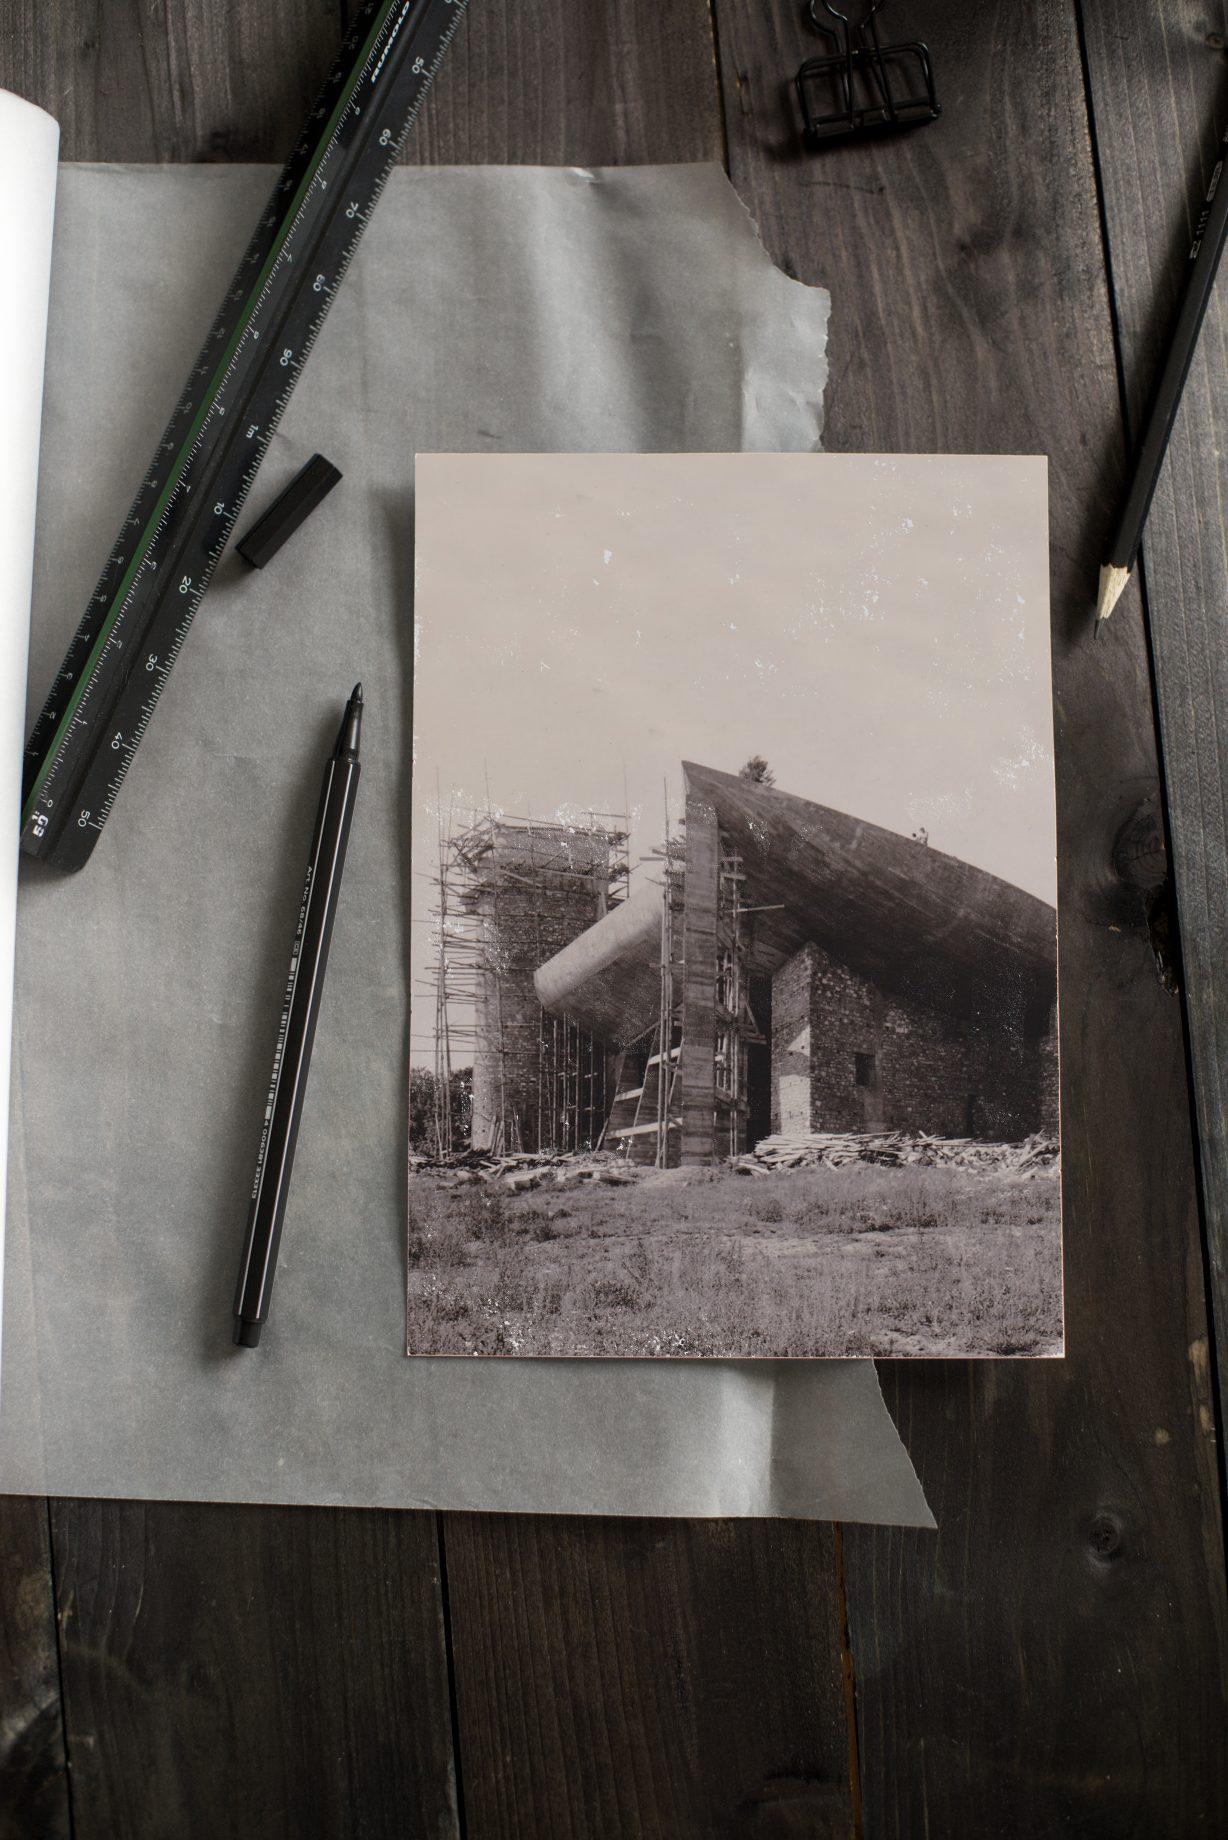 Le Corbusier Kirche Architektur Notre Dam du haut de ronchamp